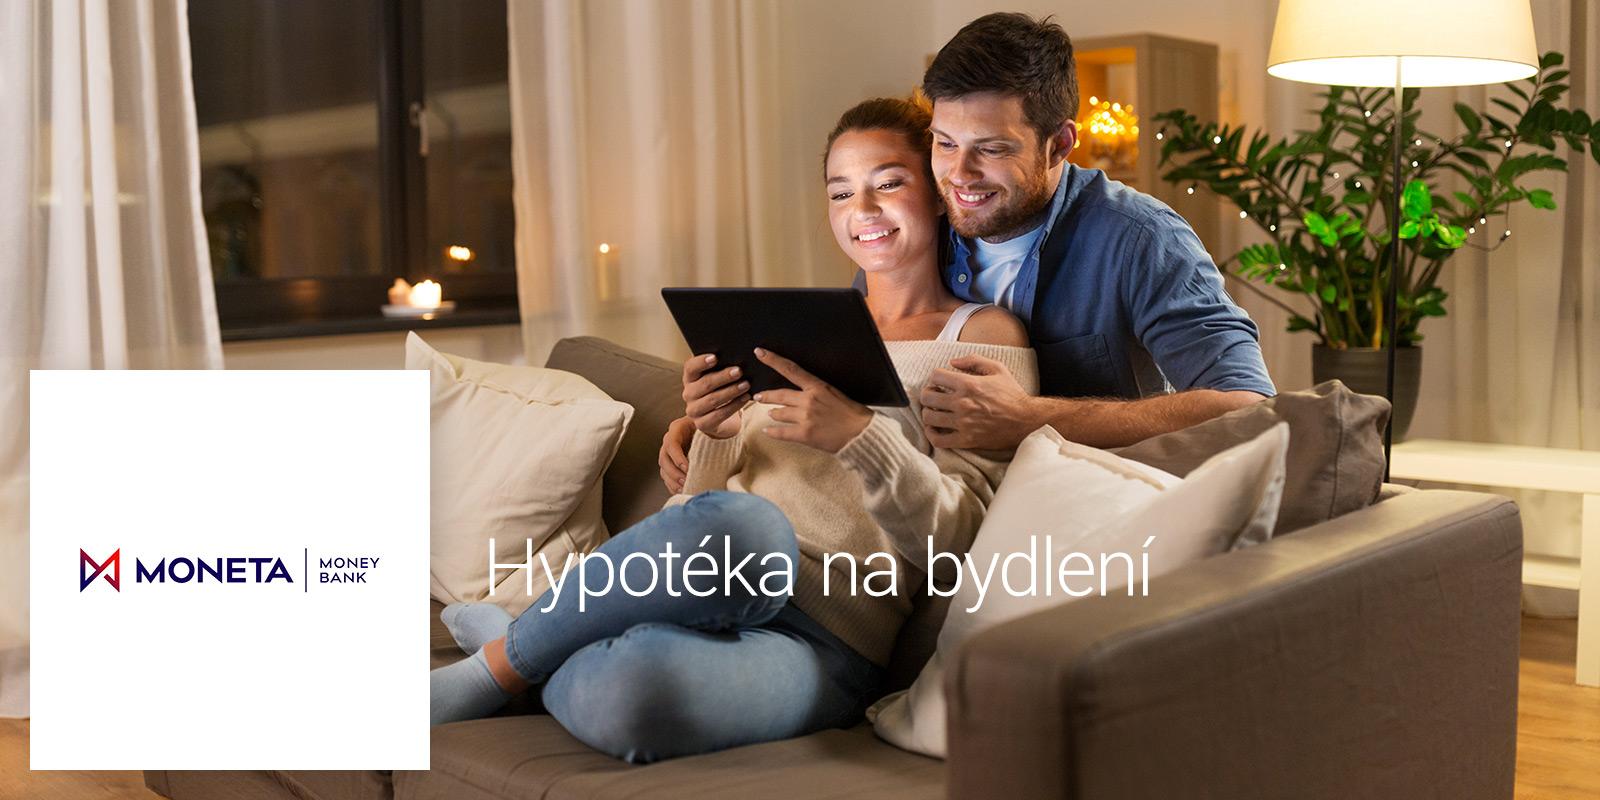 MONETA Money Bank – Hypotéka